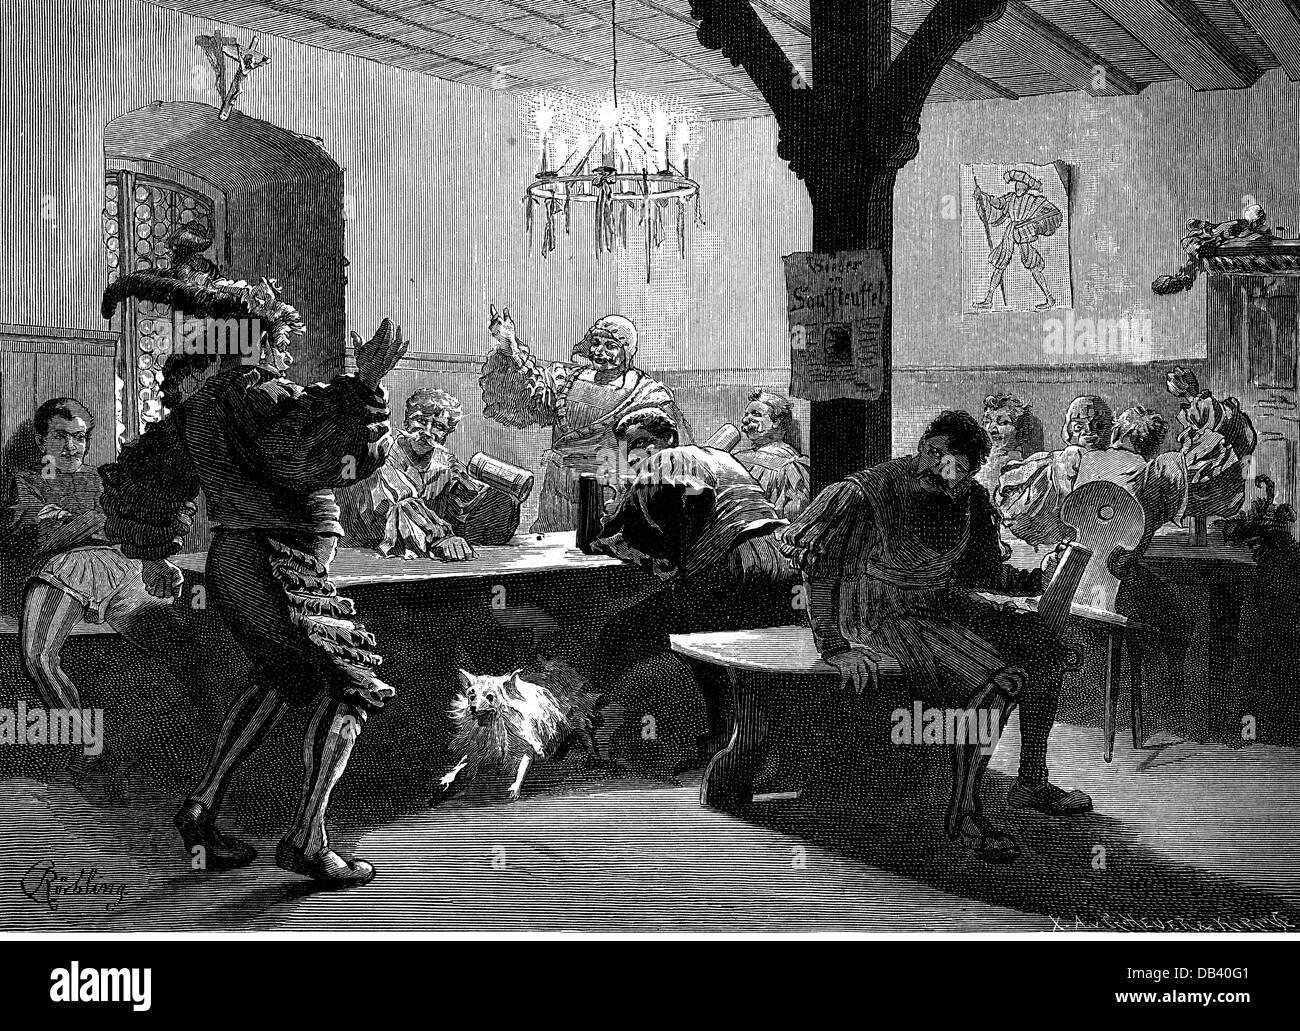 Gastronomie-Gaststätten feiern in Taverne mit Getränke und Spiele ...